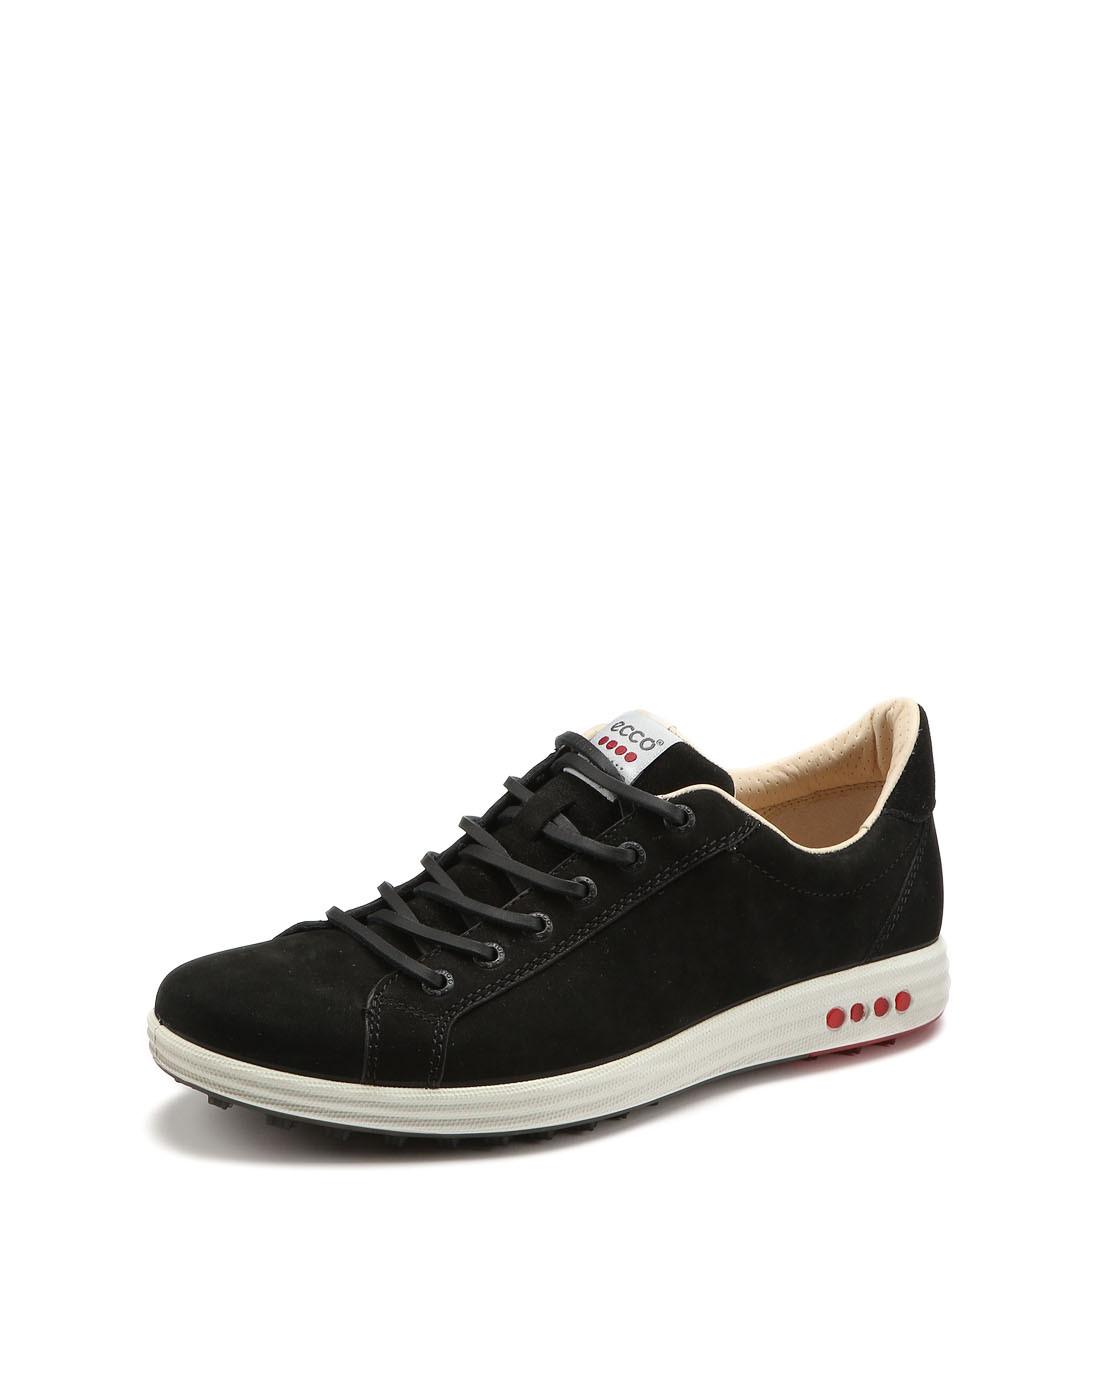 ECCO男款黑色简约街头系带休闲鞋